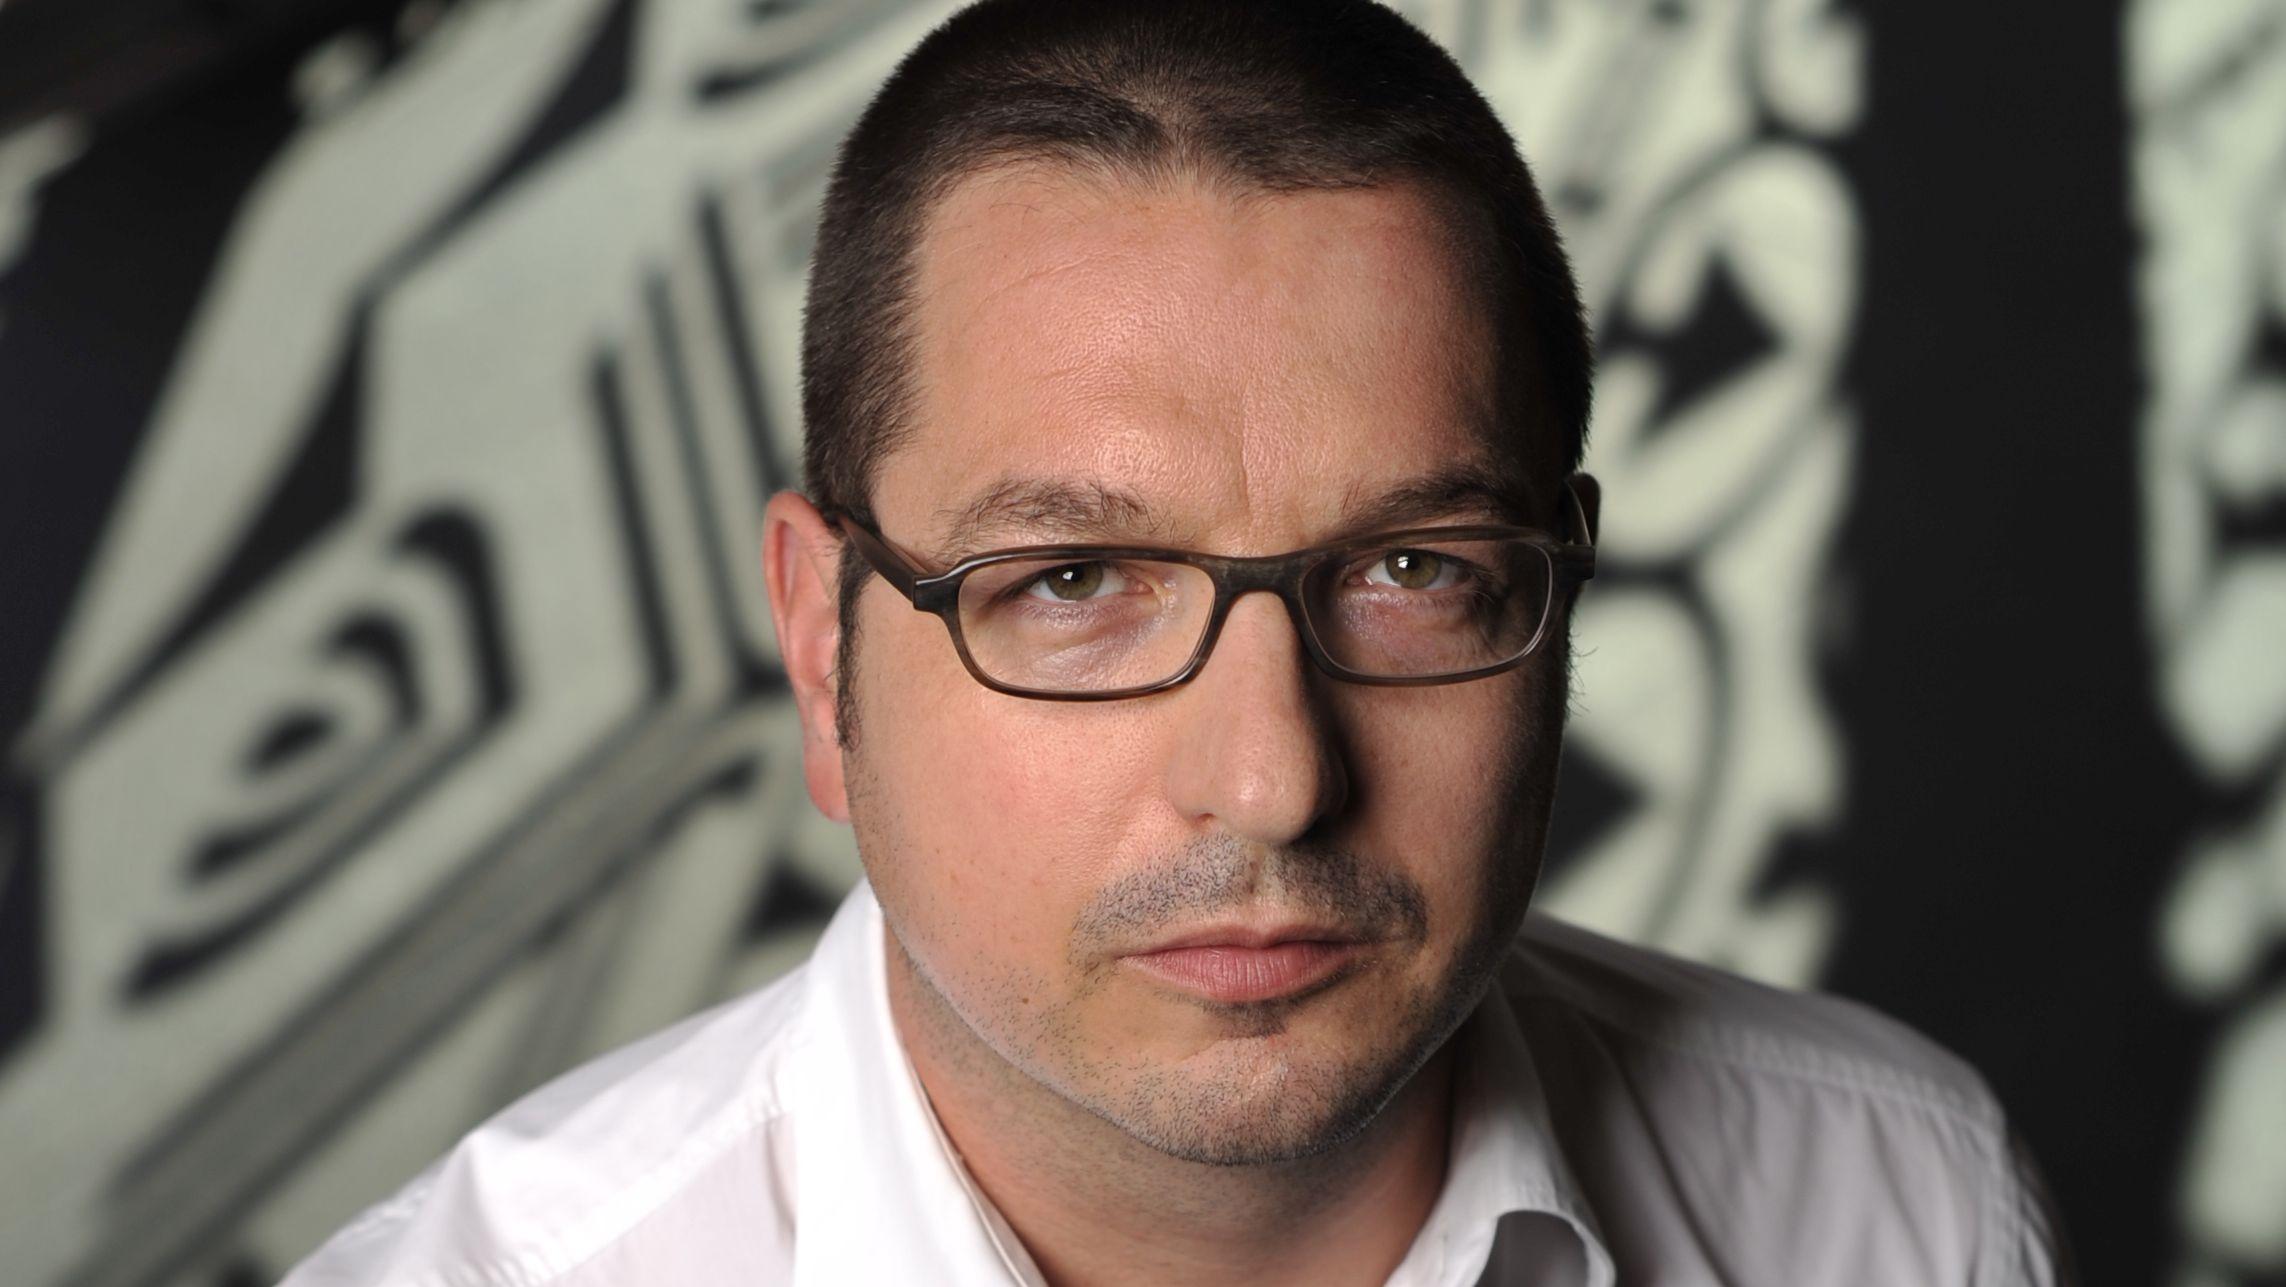 Der Soziologe Martin Tröndle lehrt Soziologie am Würth-Lehrstuhl für Kulturproduktion an der Zeppelin Universität.